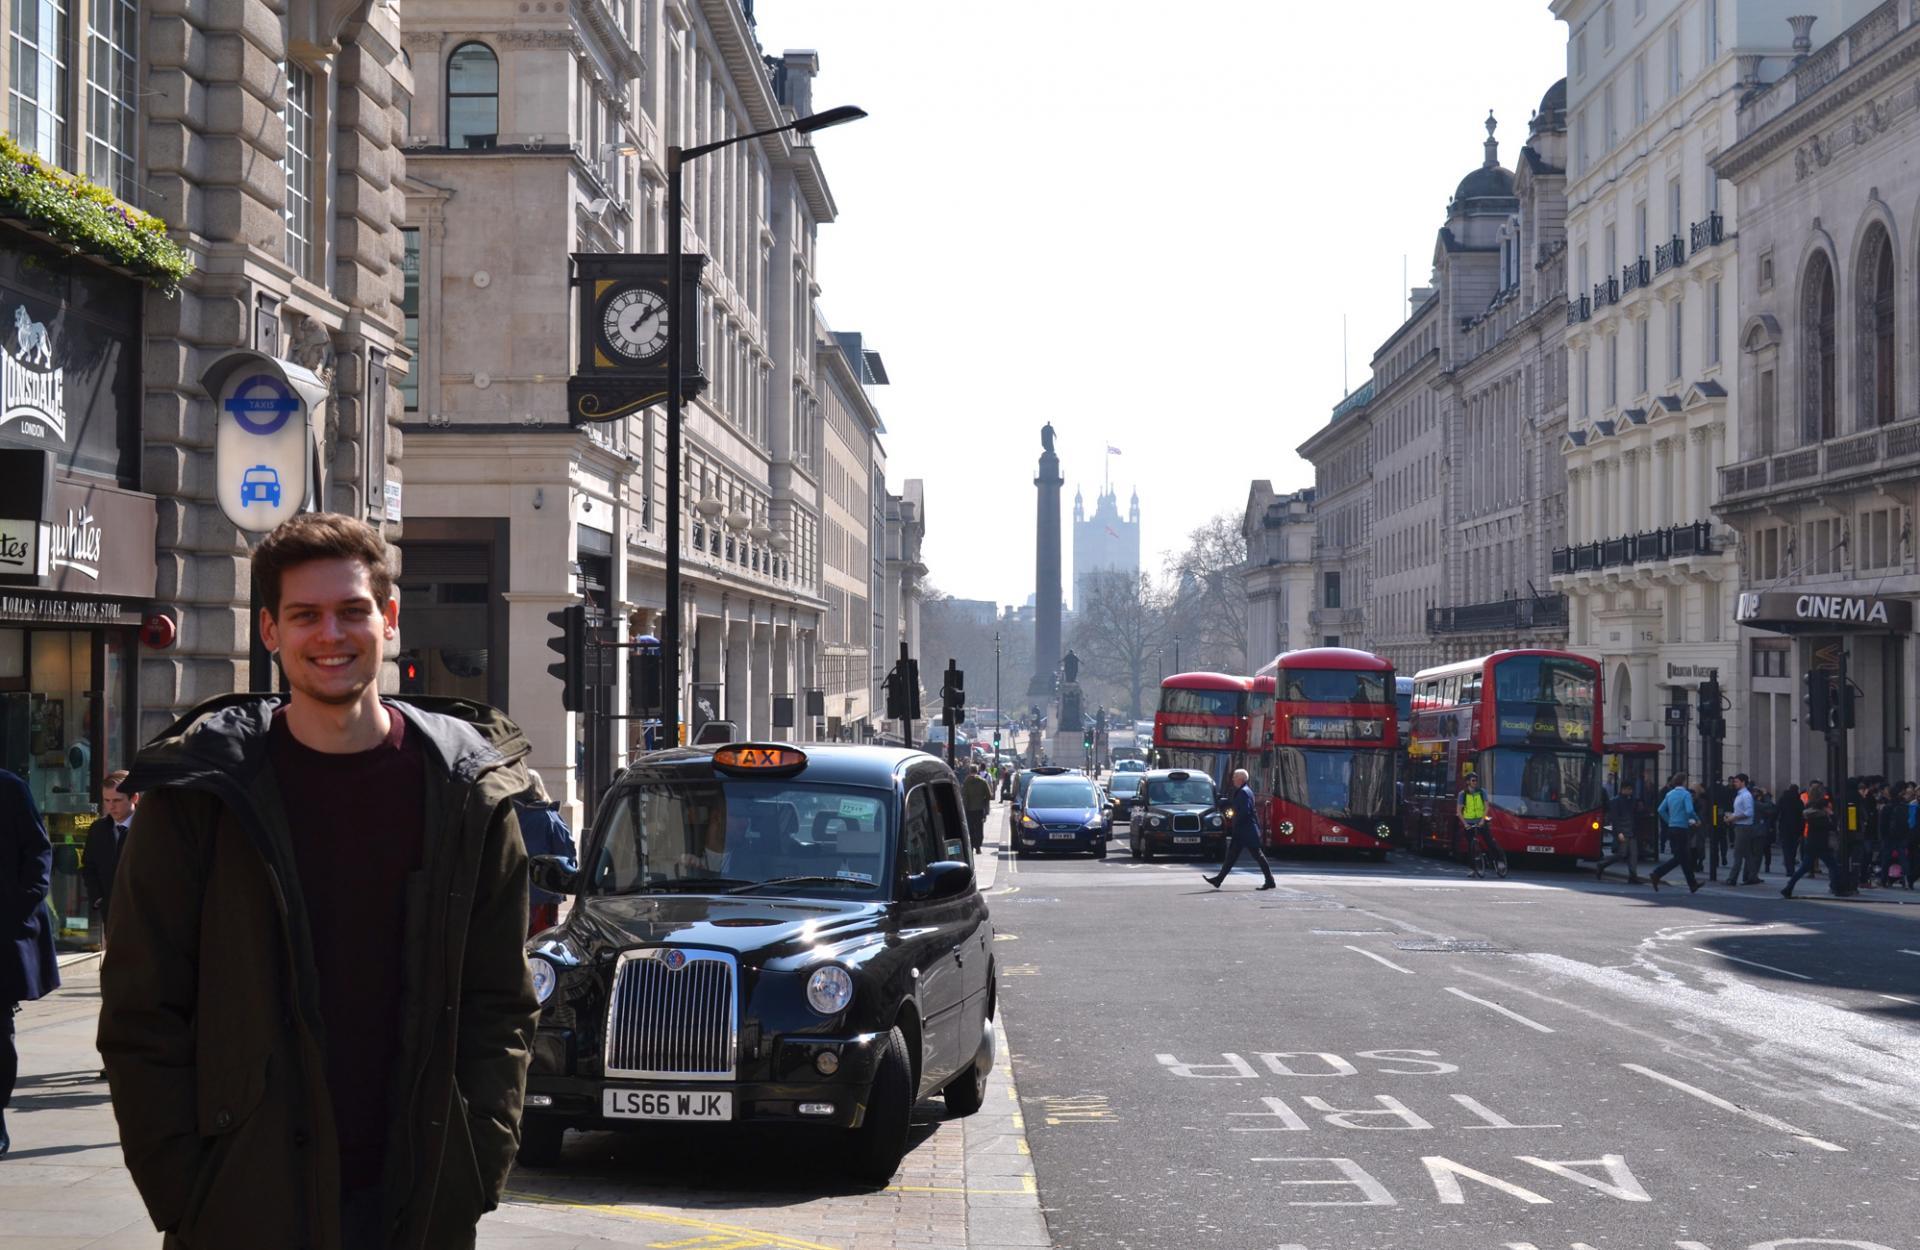 Londres en tres días ¡El itinerario completo!